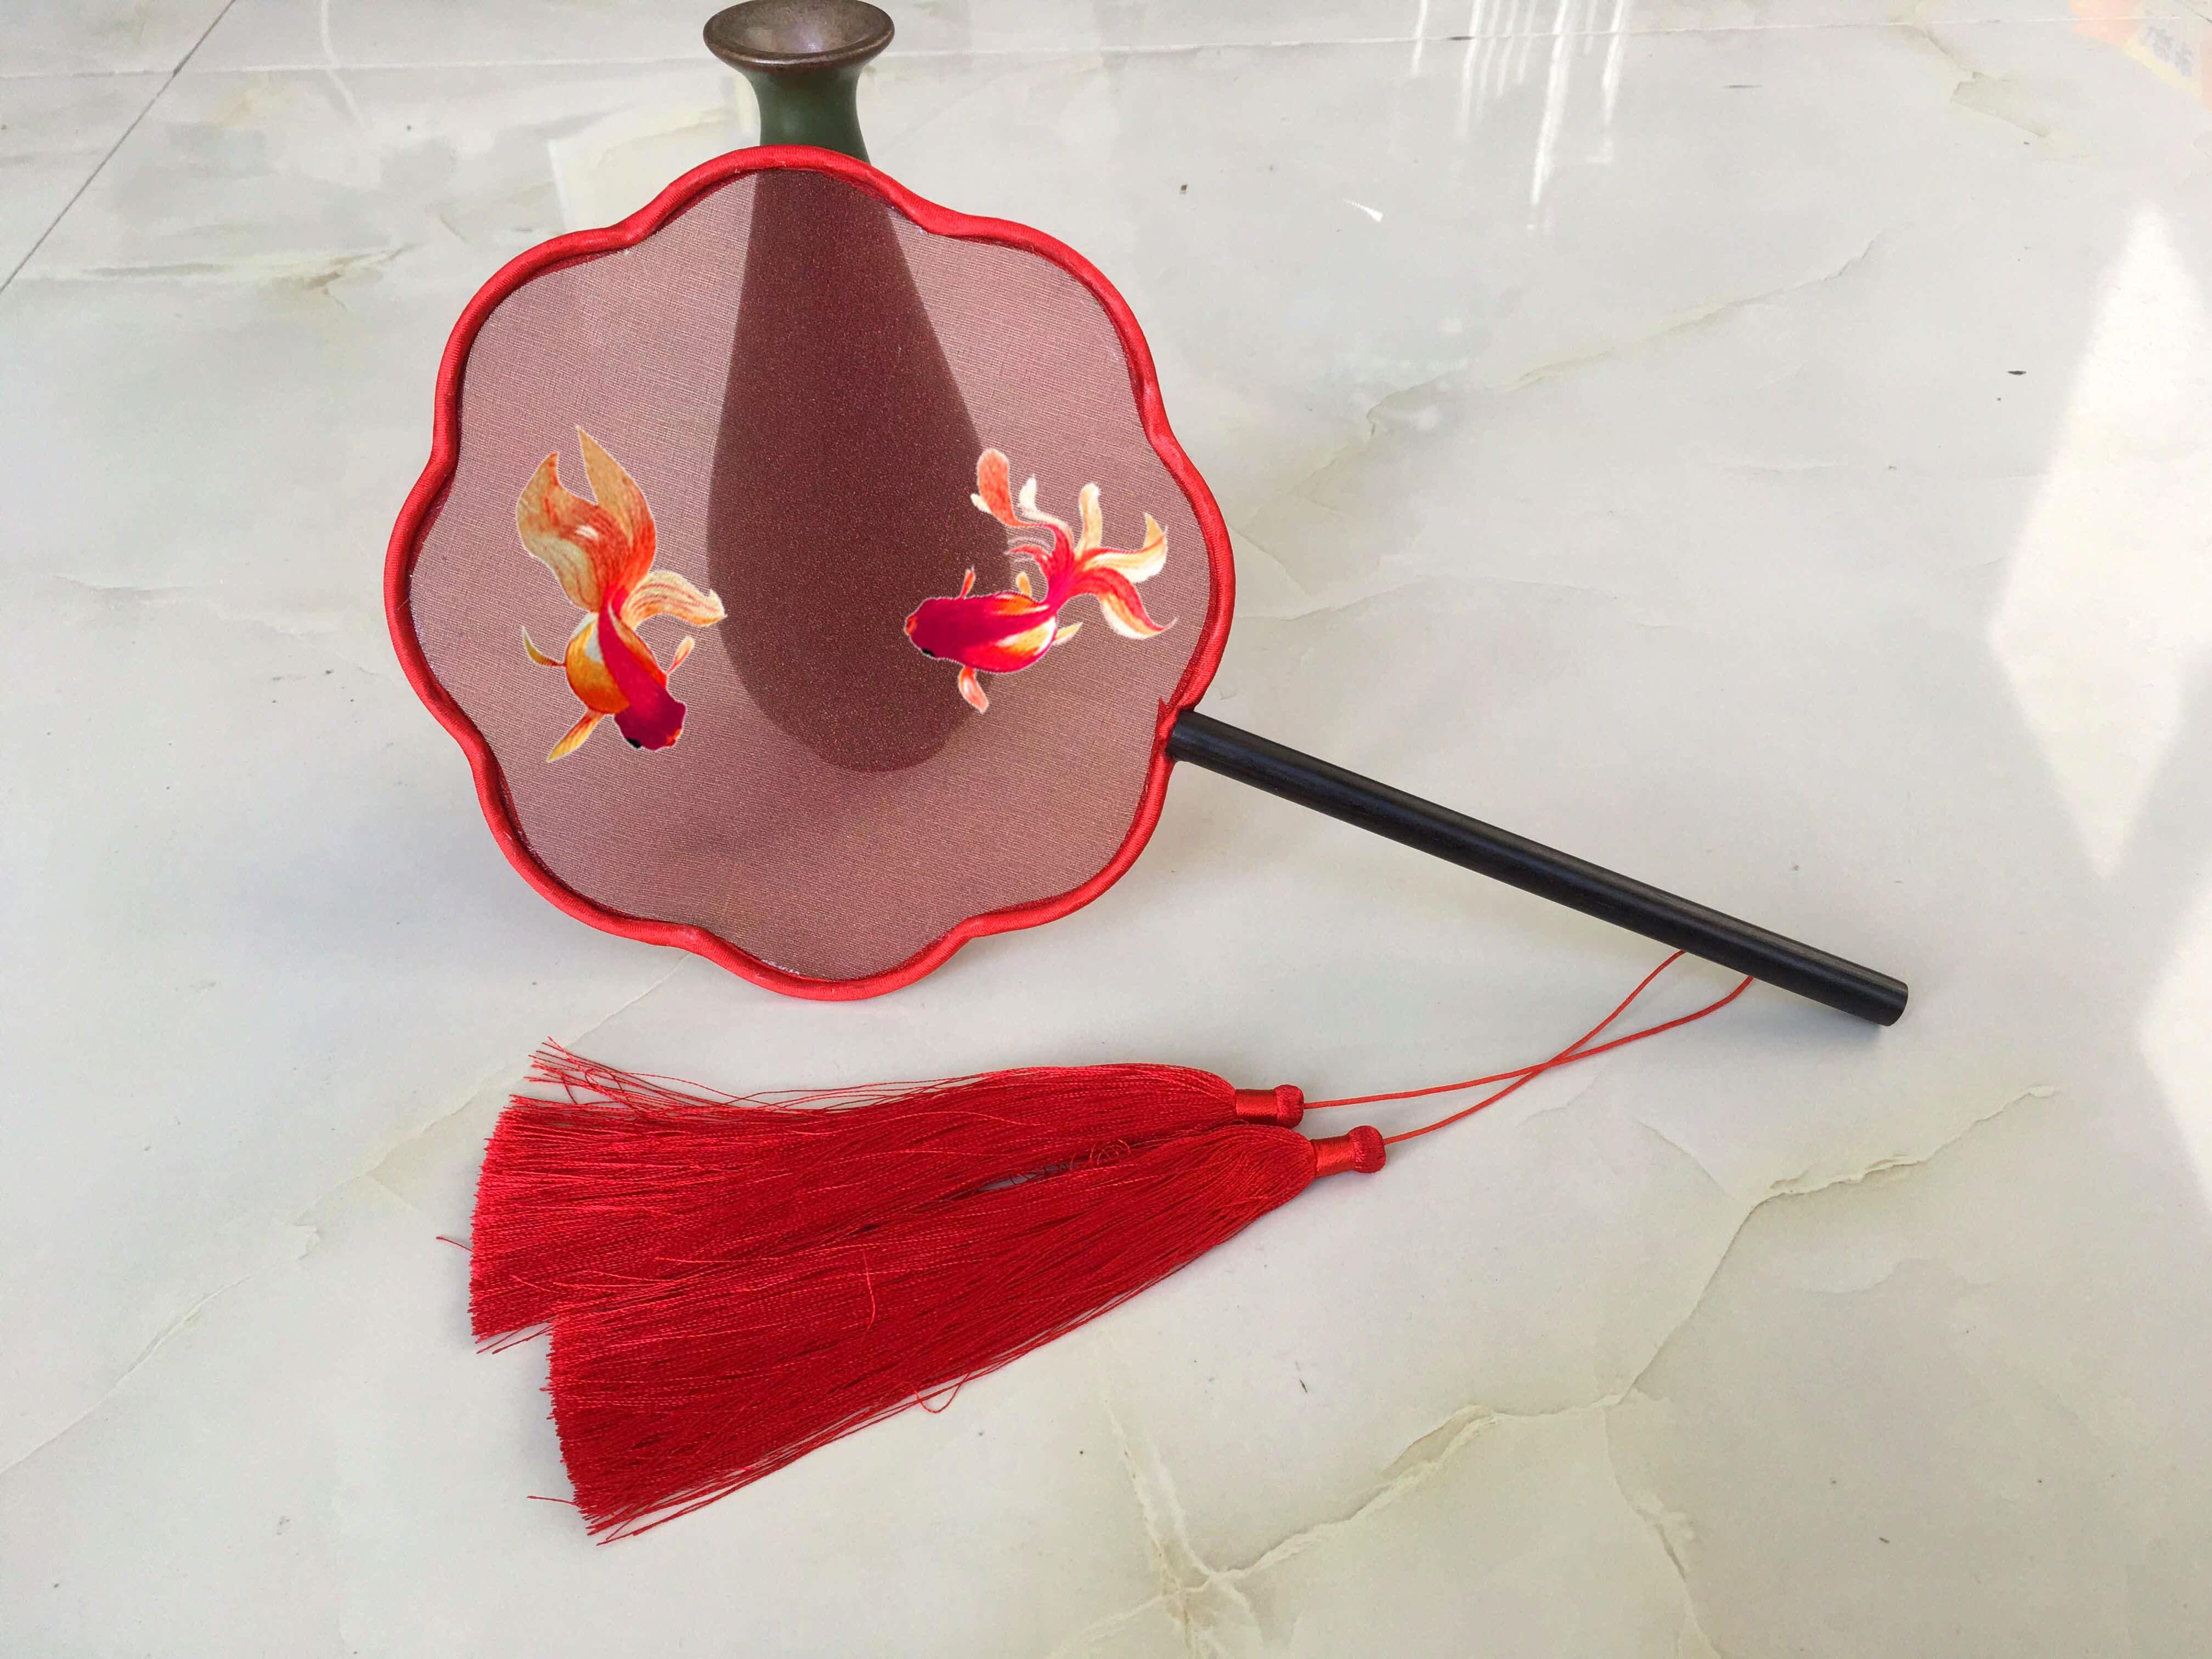 Handmade thêu thêu diy người mới bắt đầu kit palm fan gói nguyên liệu gói vật liệu 15 CM fan nhóm fan Song Ngư